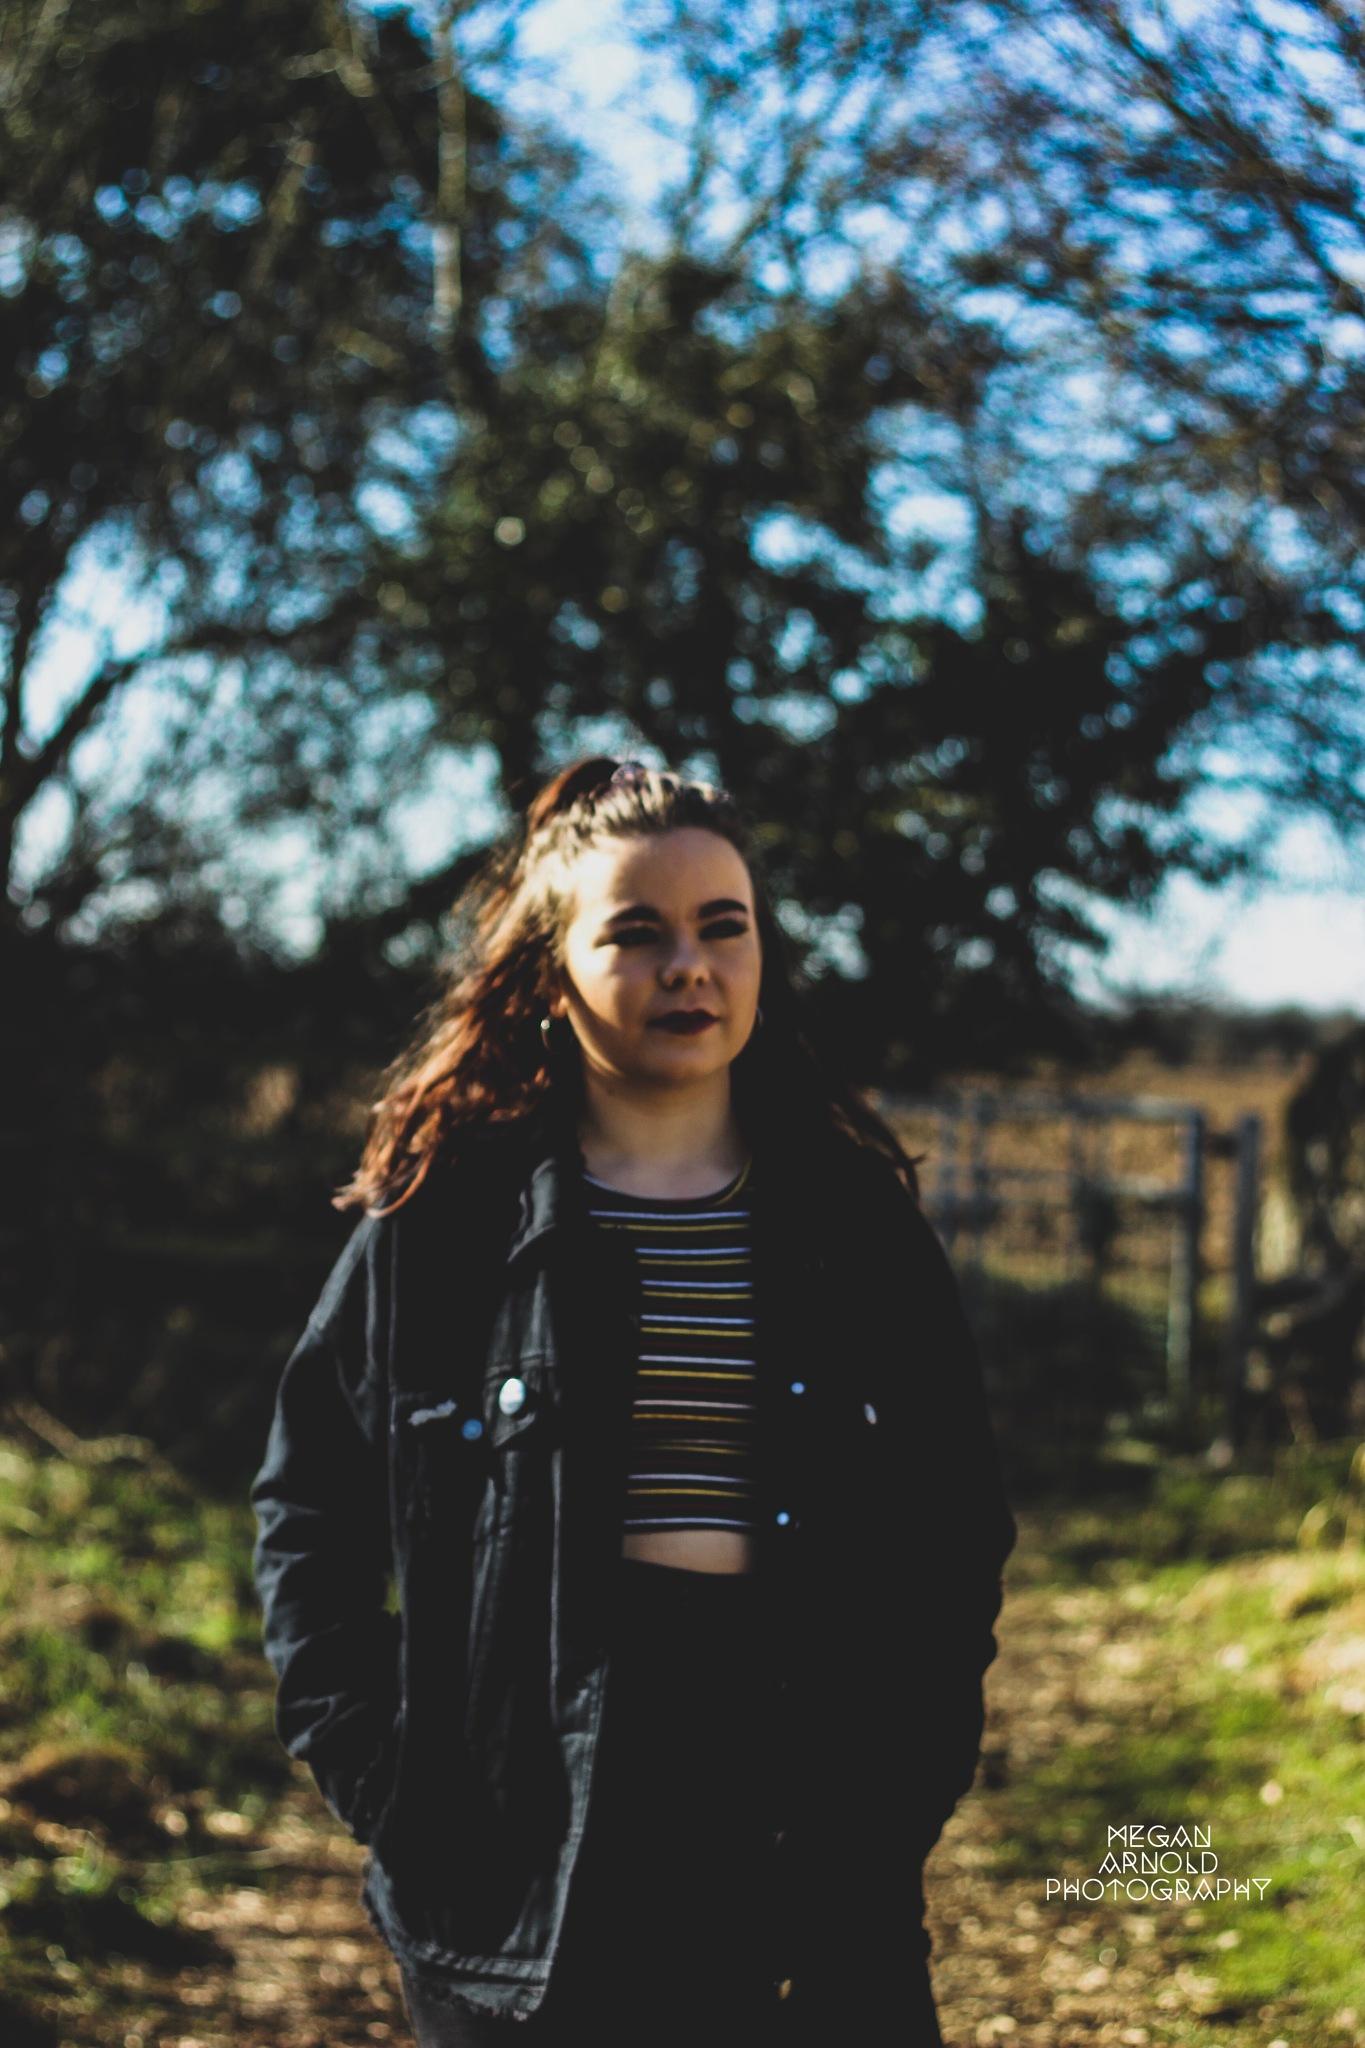 Kidlington with char by MeganArnold